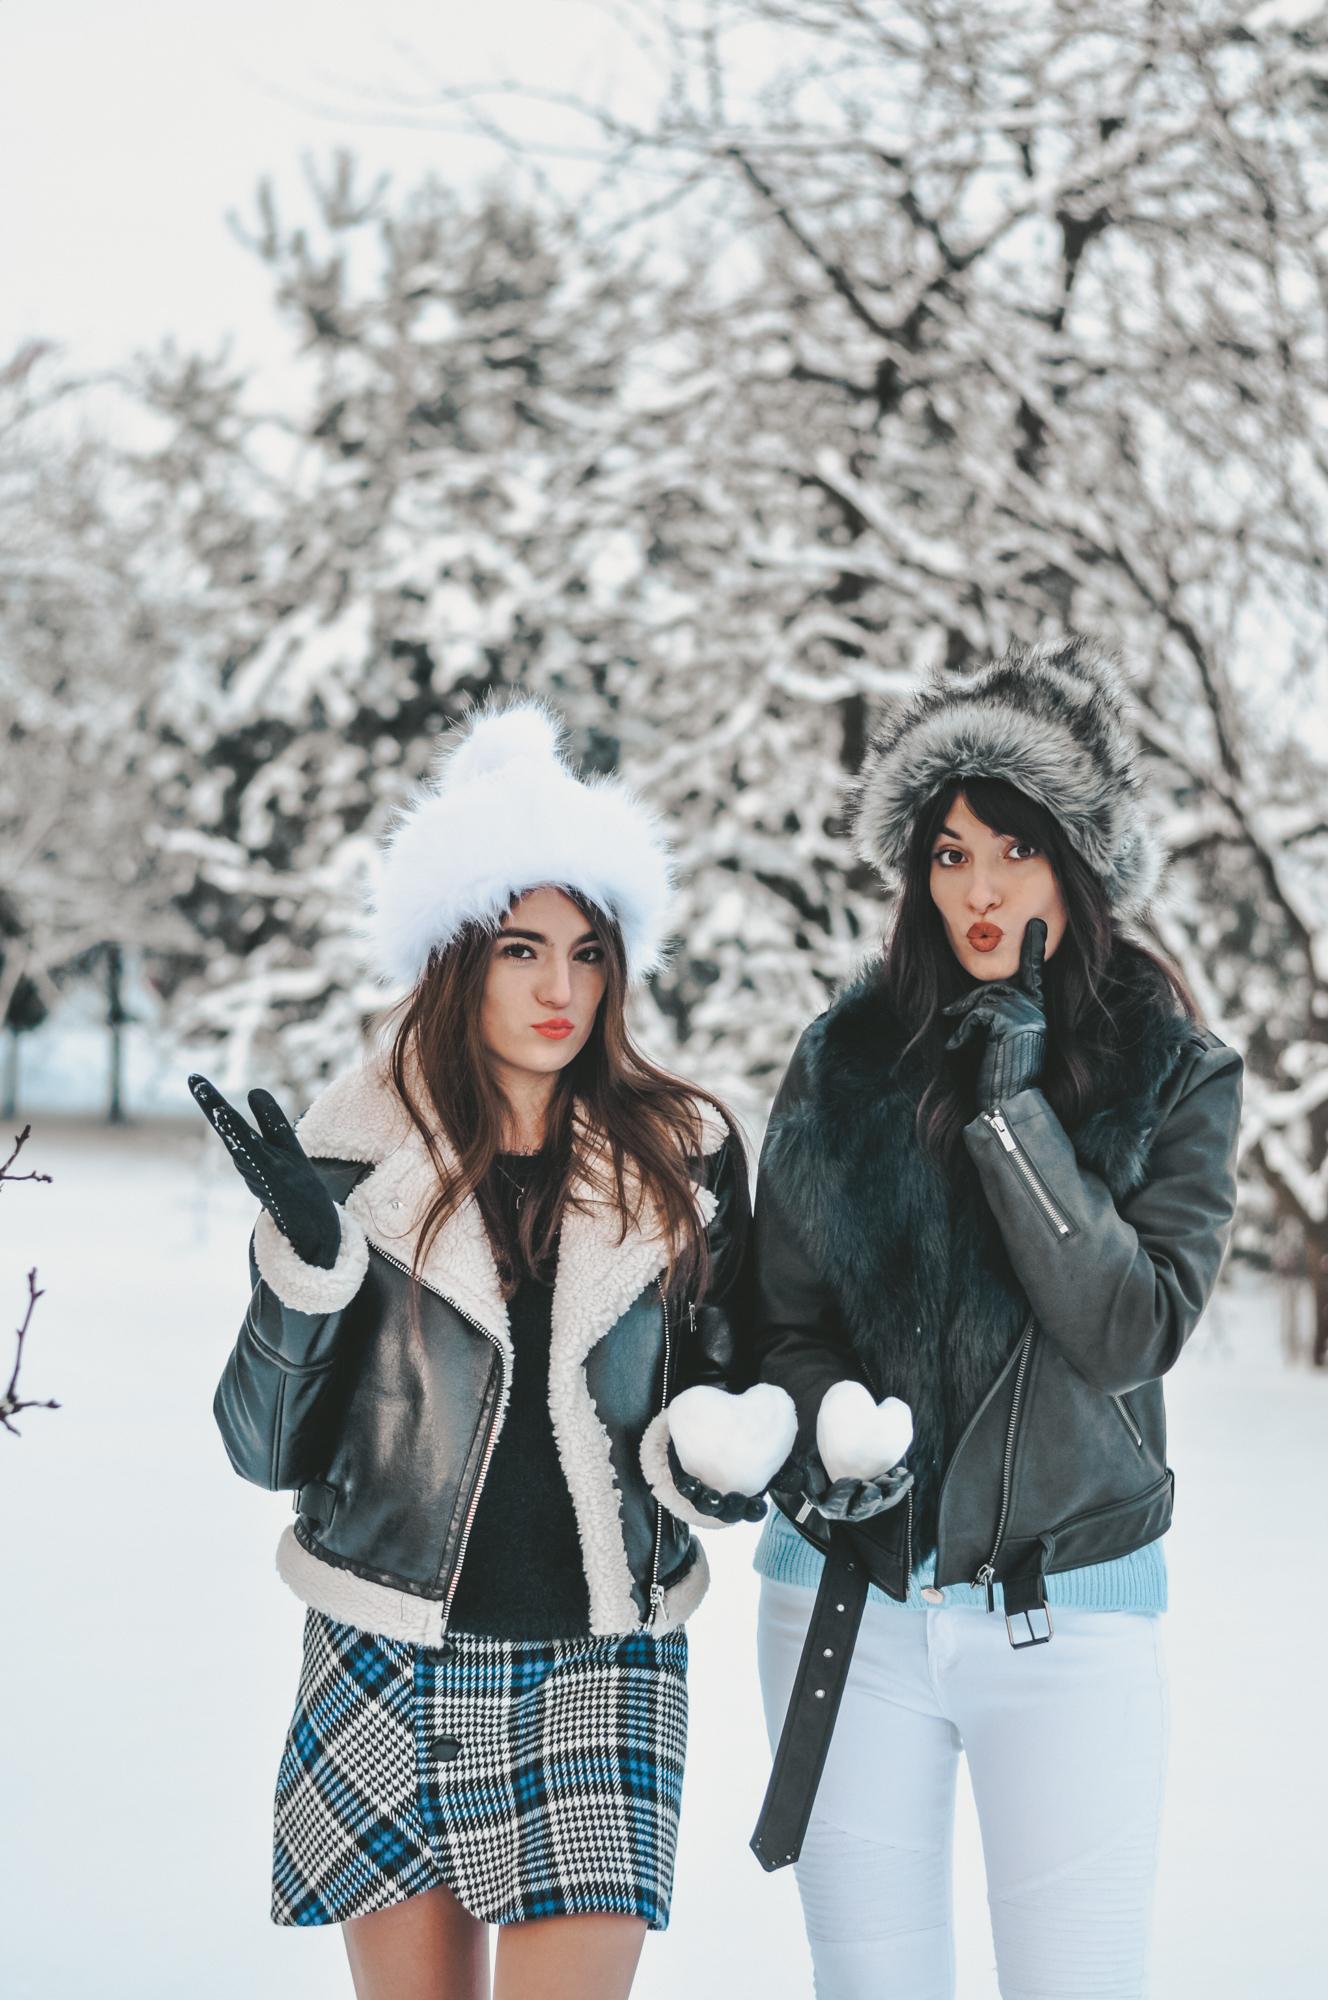 pomysł na zimowe zdjęcia dziewczyn